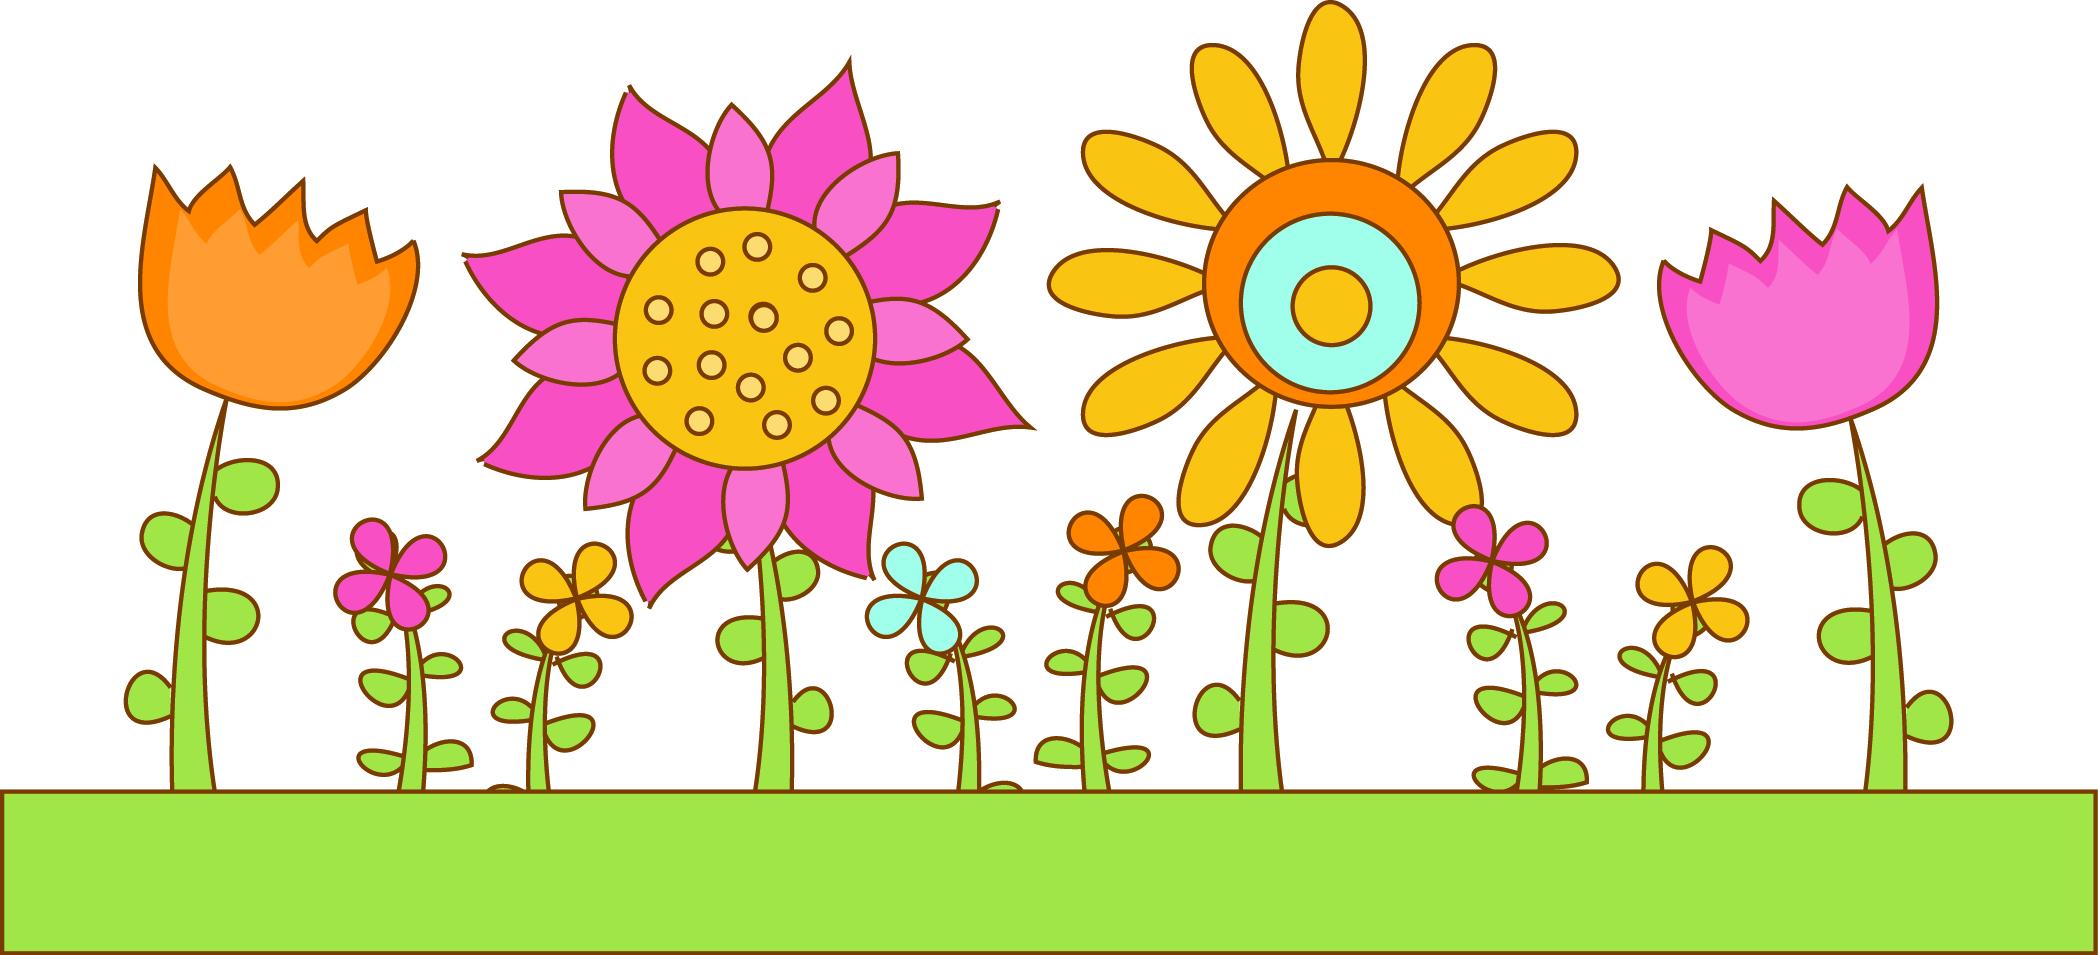 Flower garden clipart free.